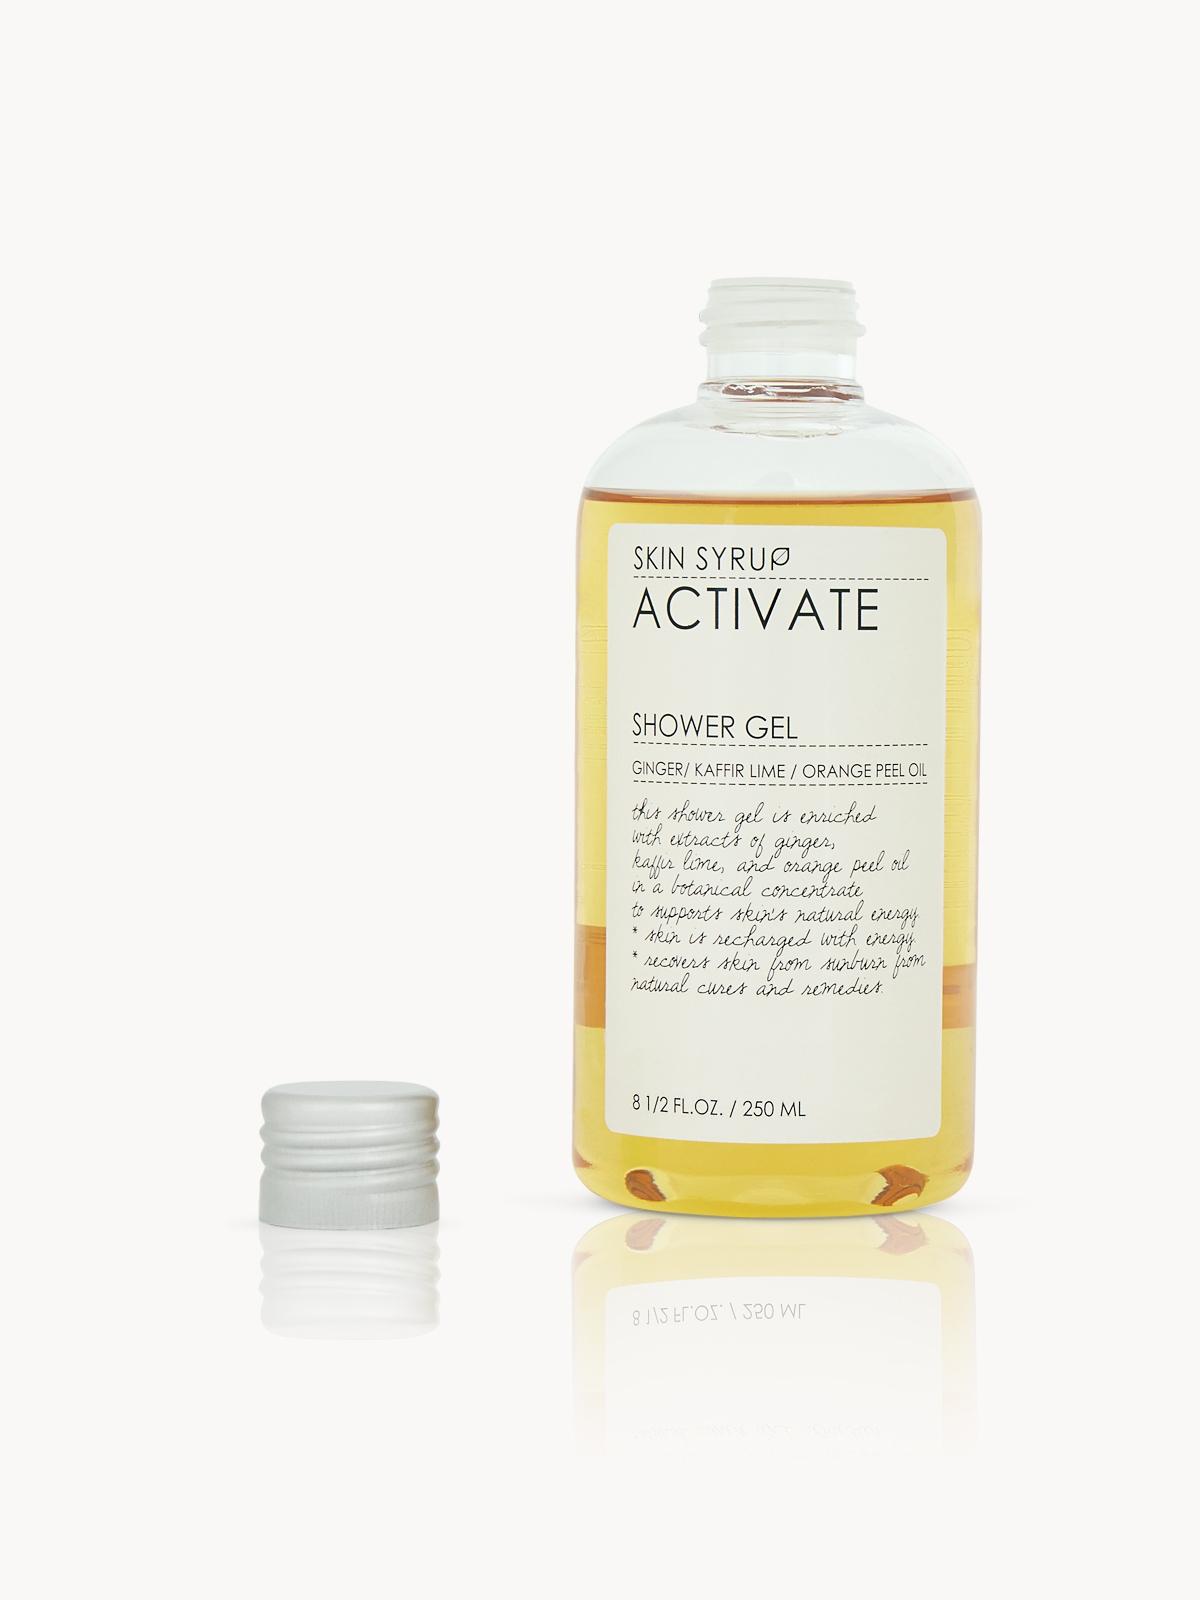 Skin Syrup Activate Shower Gel